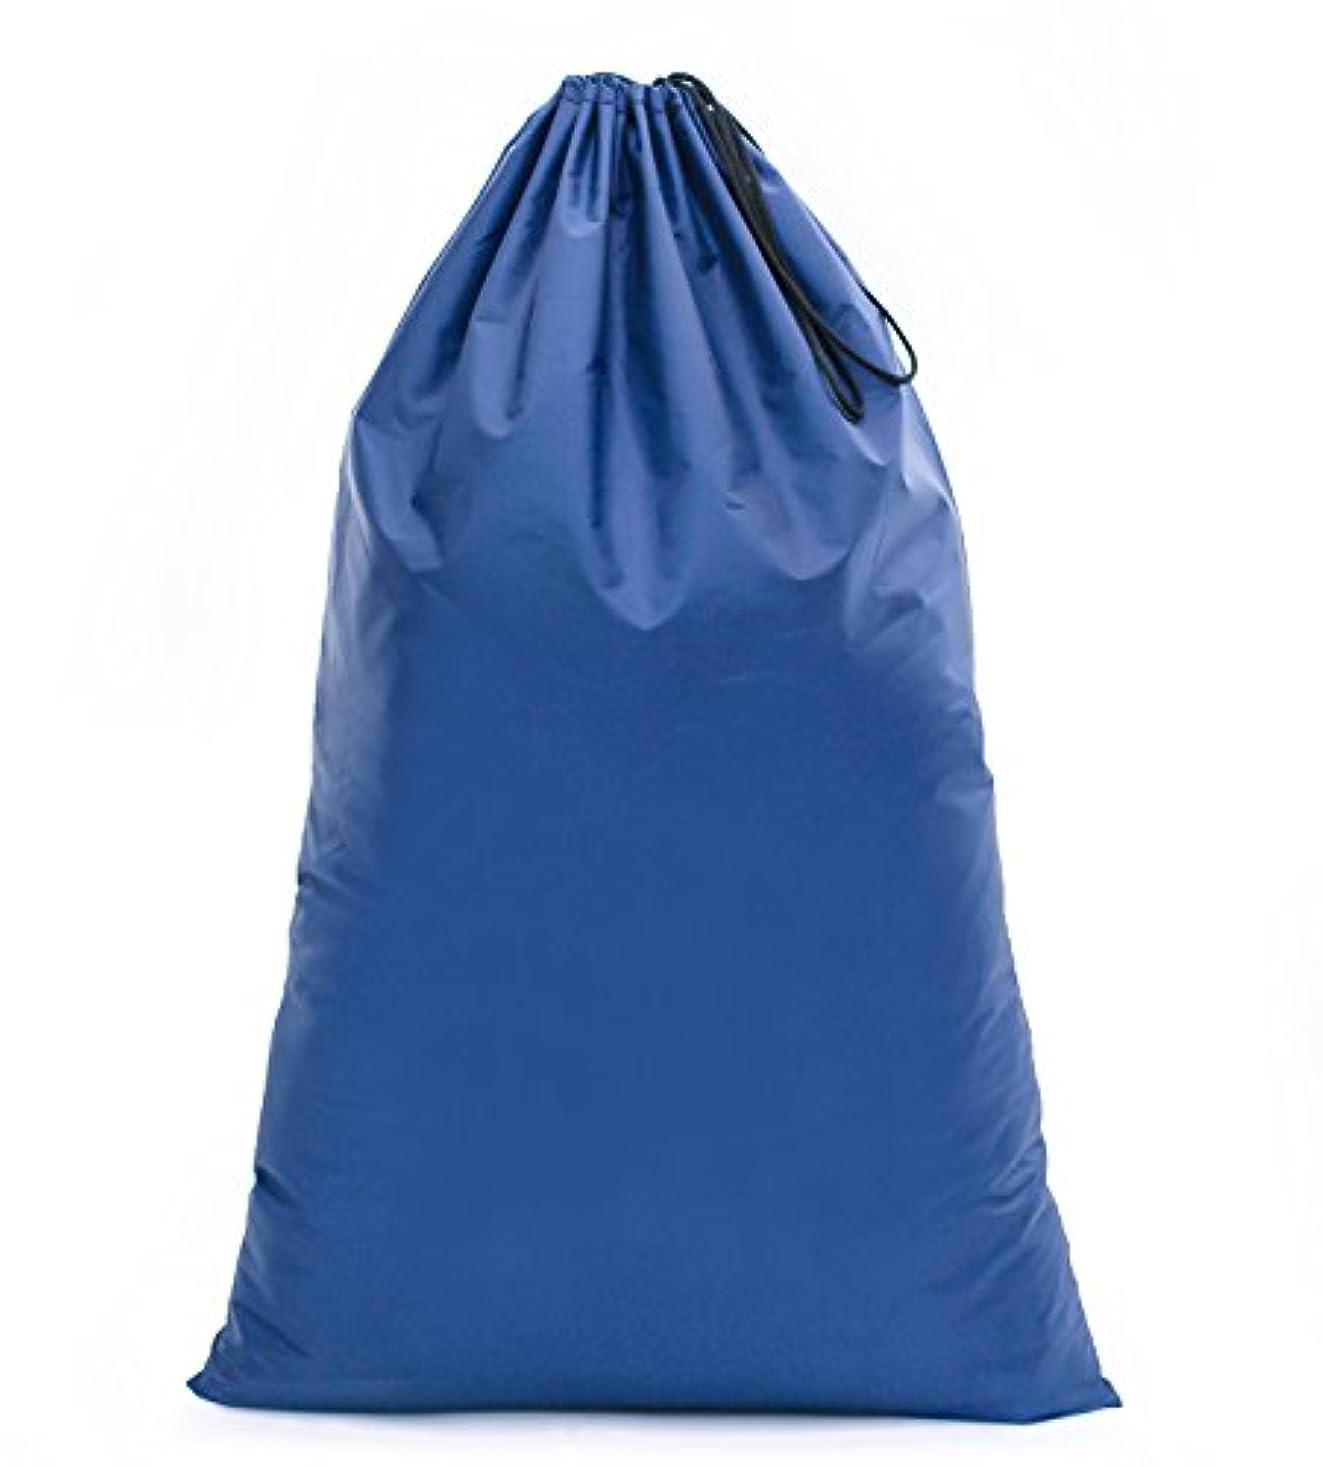 例示する保有者支店【Y.WINNER】特大サイズ 巾着袋 収納袋 (106*70CM)撥水加工 アウトドア キャンプ 旅行 バッグ 万能巾着袋 大きいサイズの着替え袋にも使える (106*70)